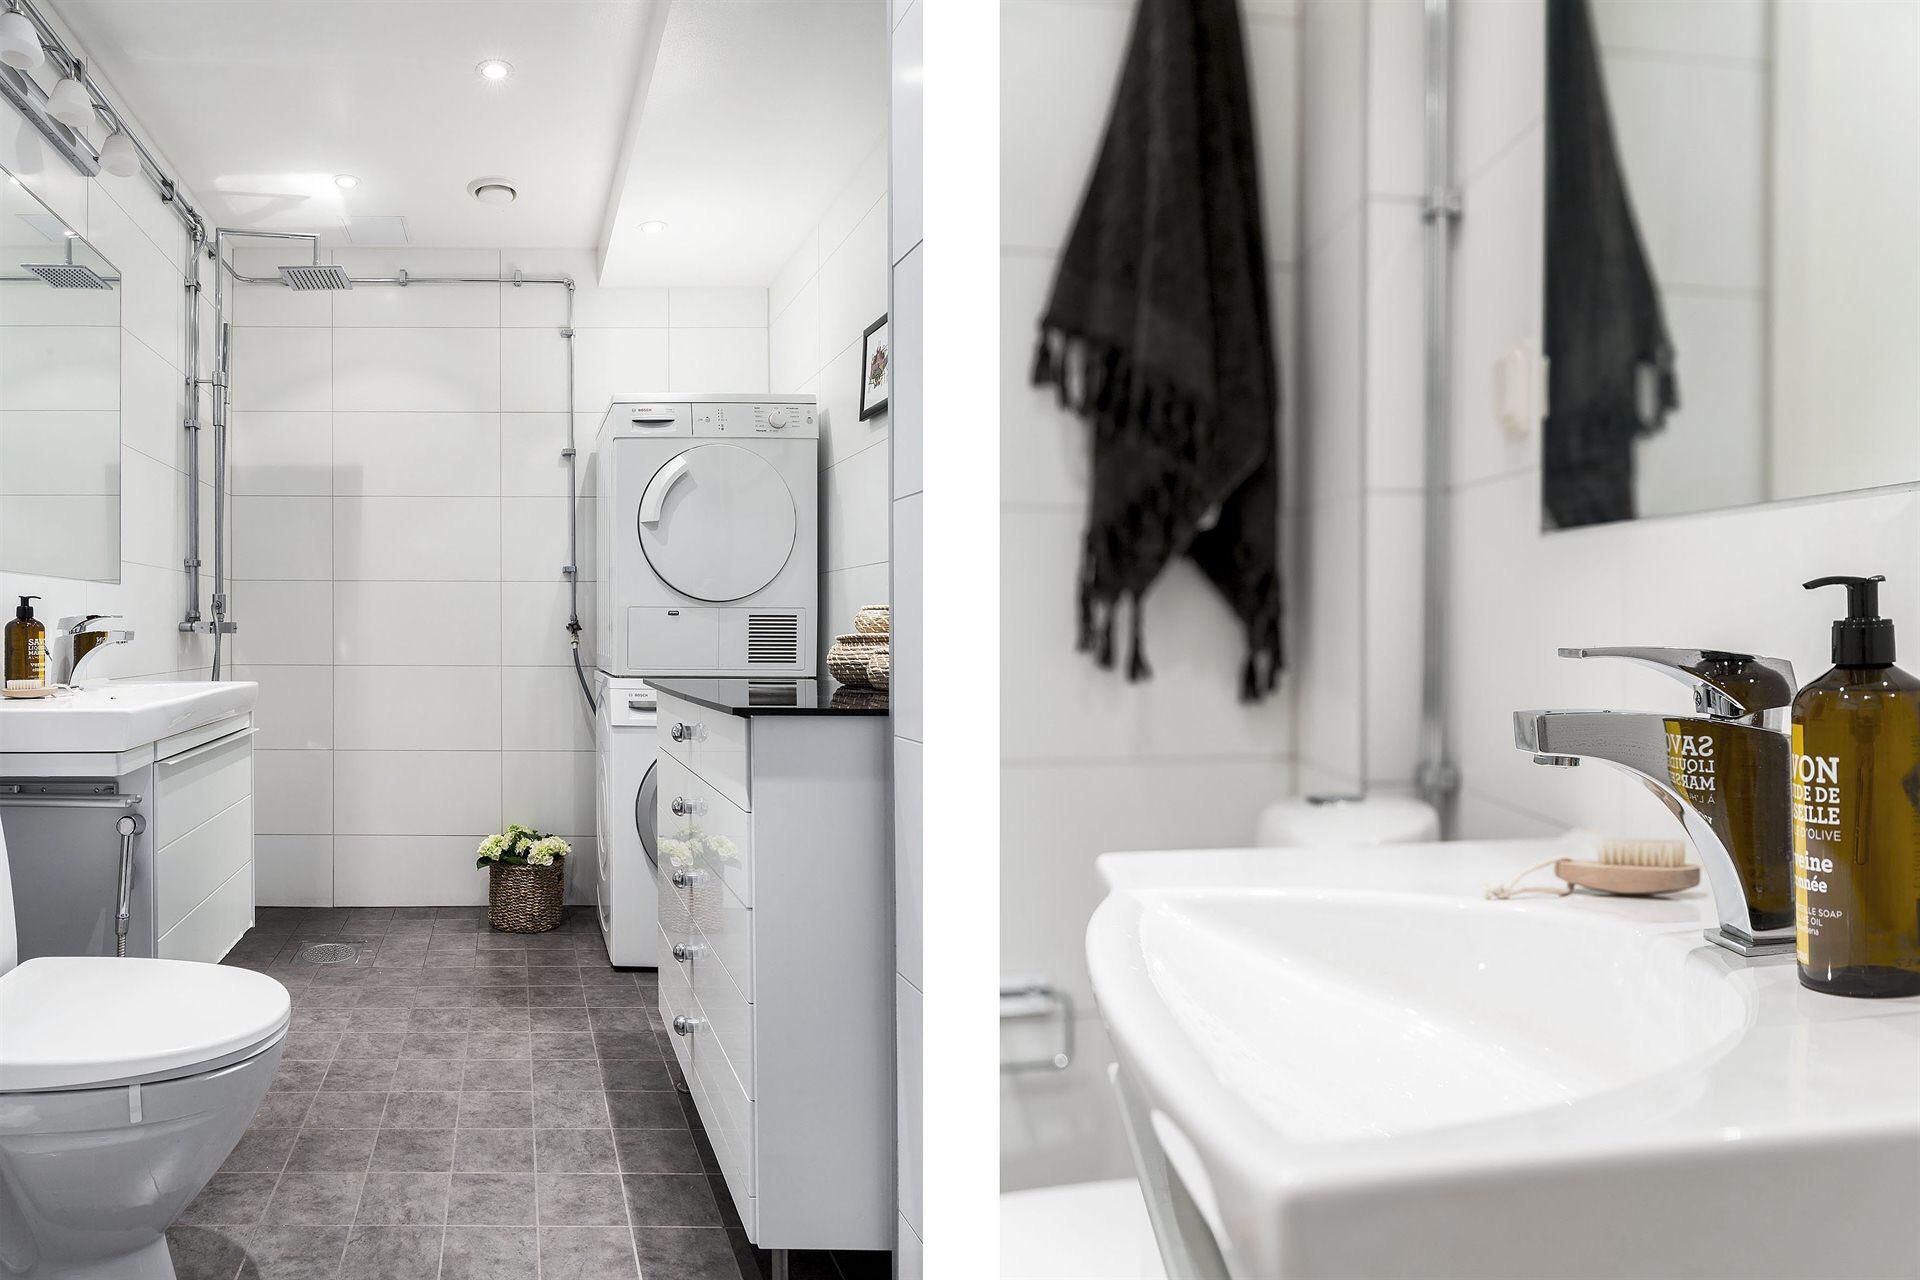 санузел душ раковина смеситель зеркало стиральная сушильная машина